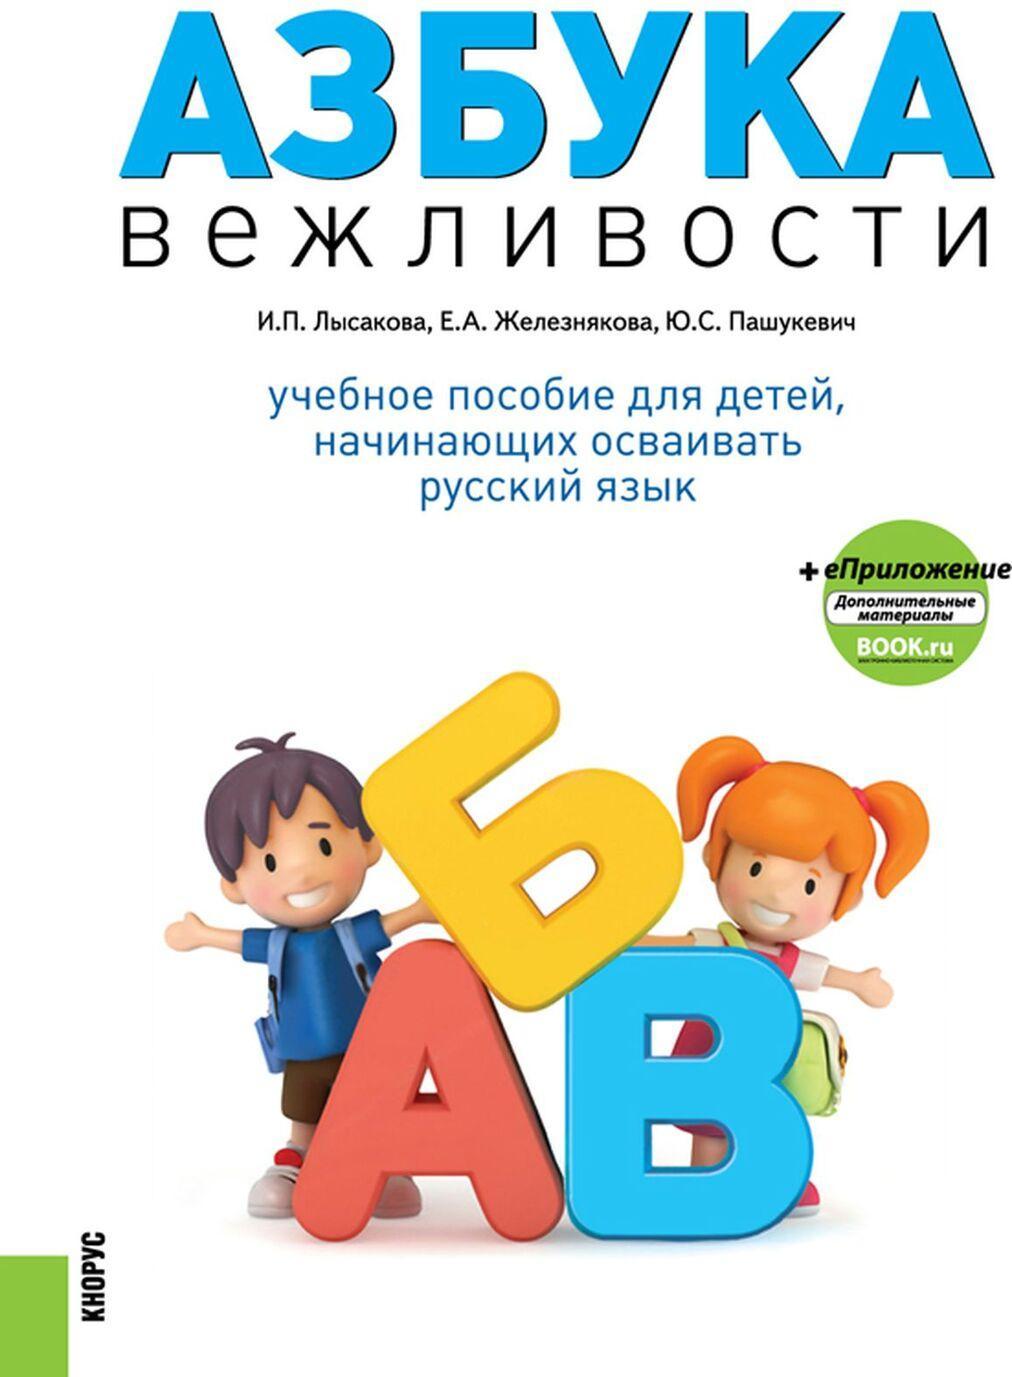 Azbuka vezhlivosti. Uchebnoe posobie (+ ePrilozhenie)   Lysakova Irina Pavlovna, Zheleznjakova Elena Alekseevna